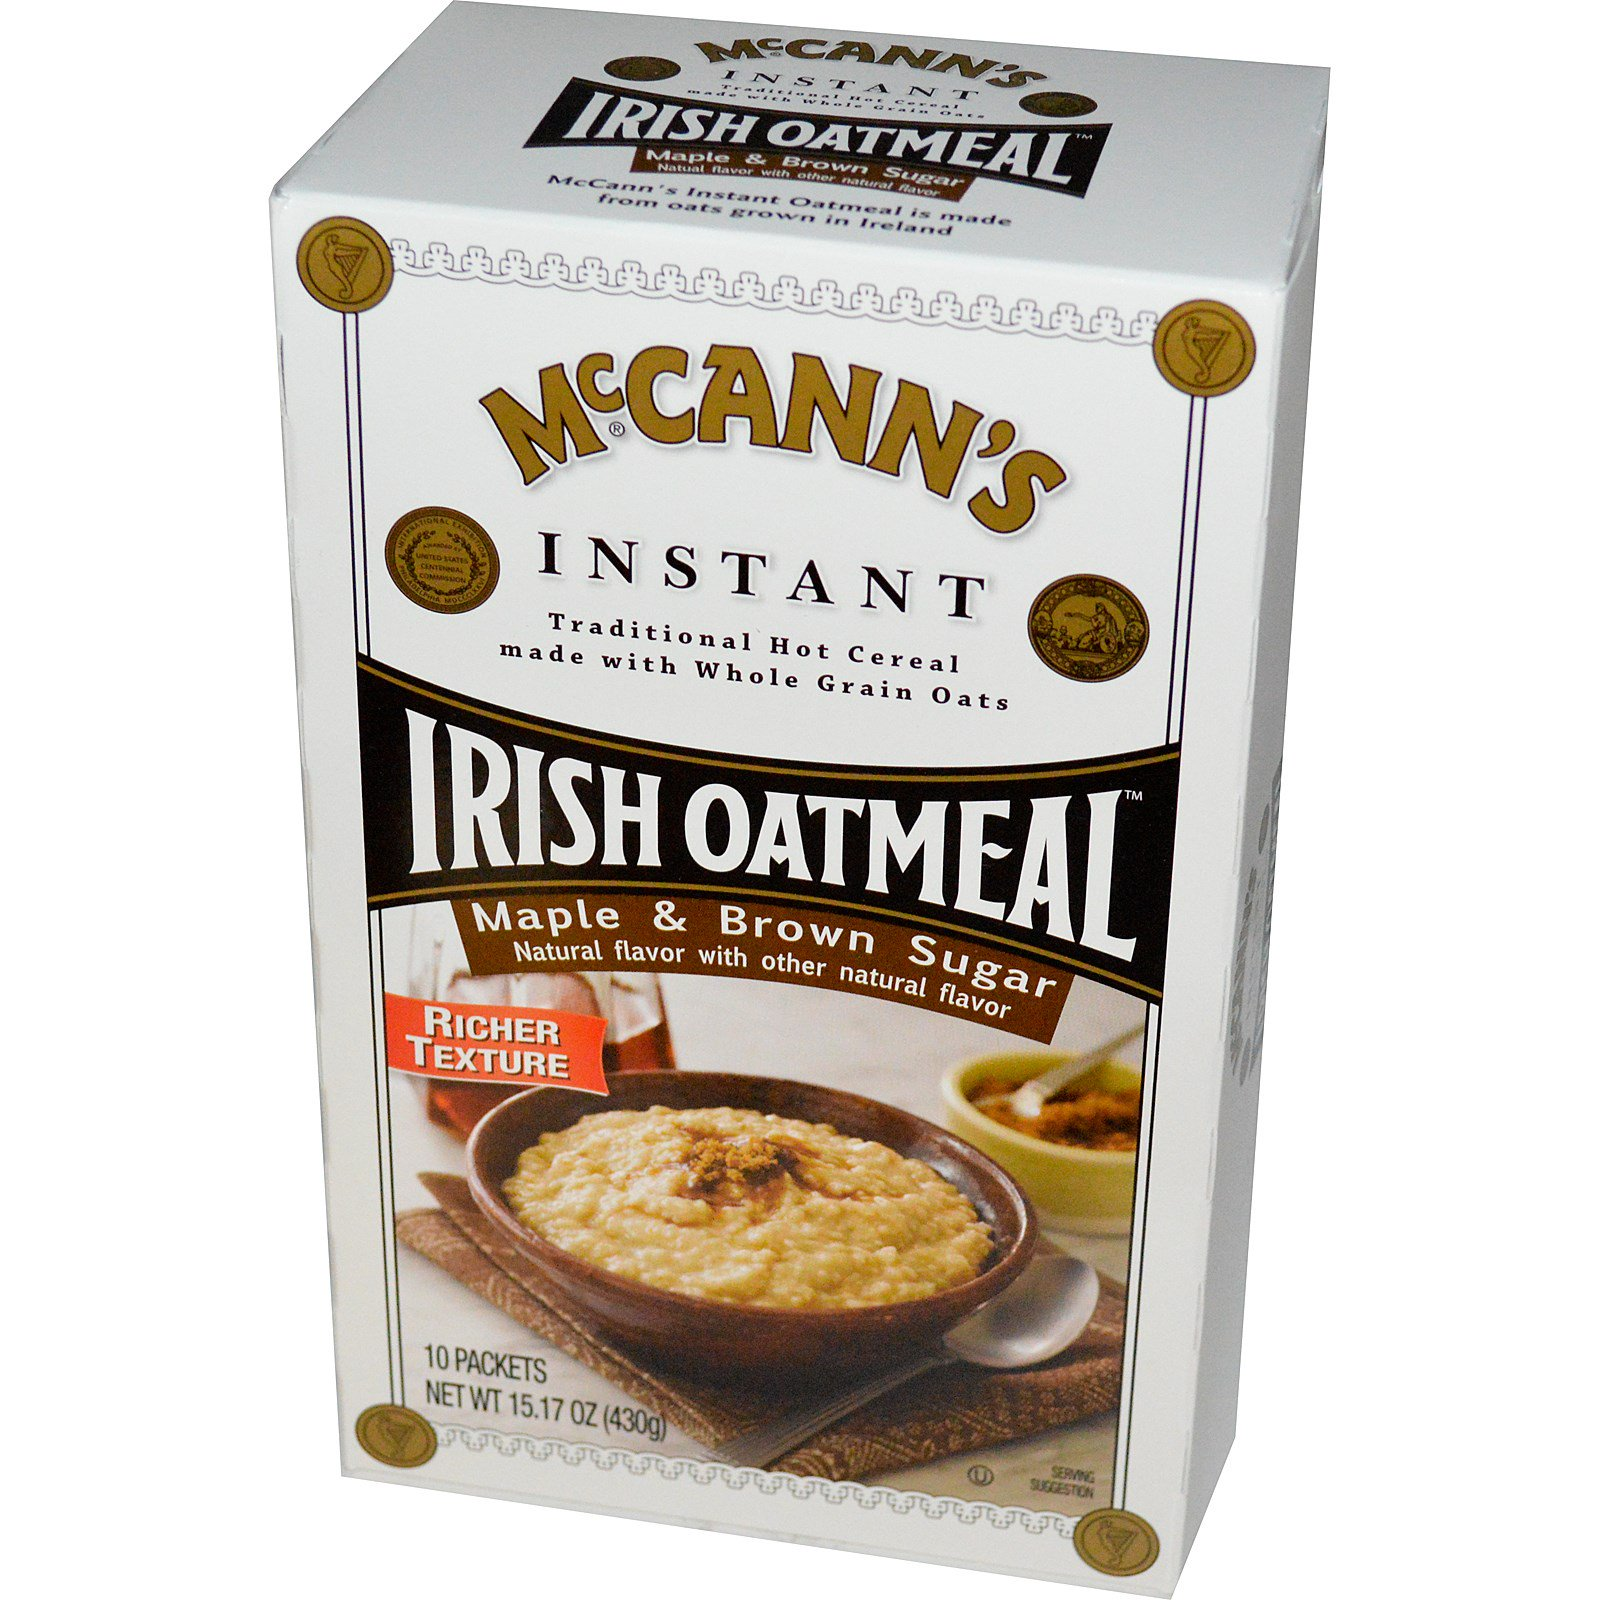 McCann's Irish Oatmeal, Растворимая овсяная каша, кленовый и коричневый сахар, 10 пакетиков, по 43 г каждый